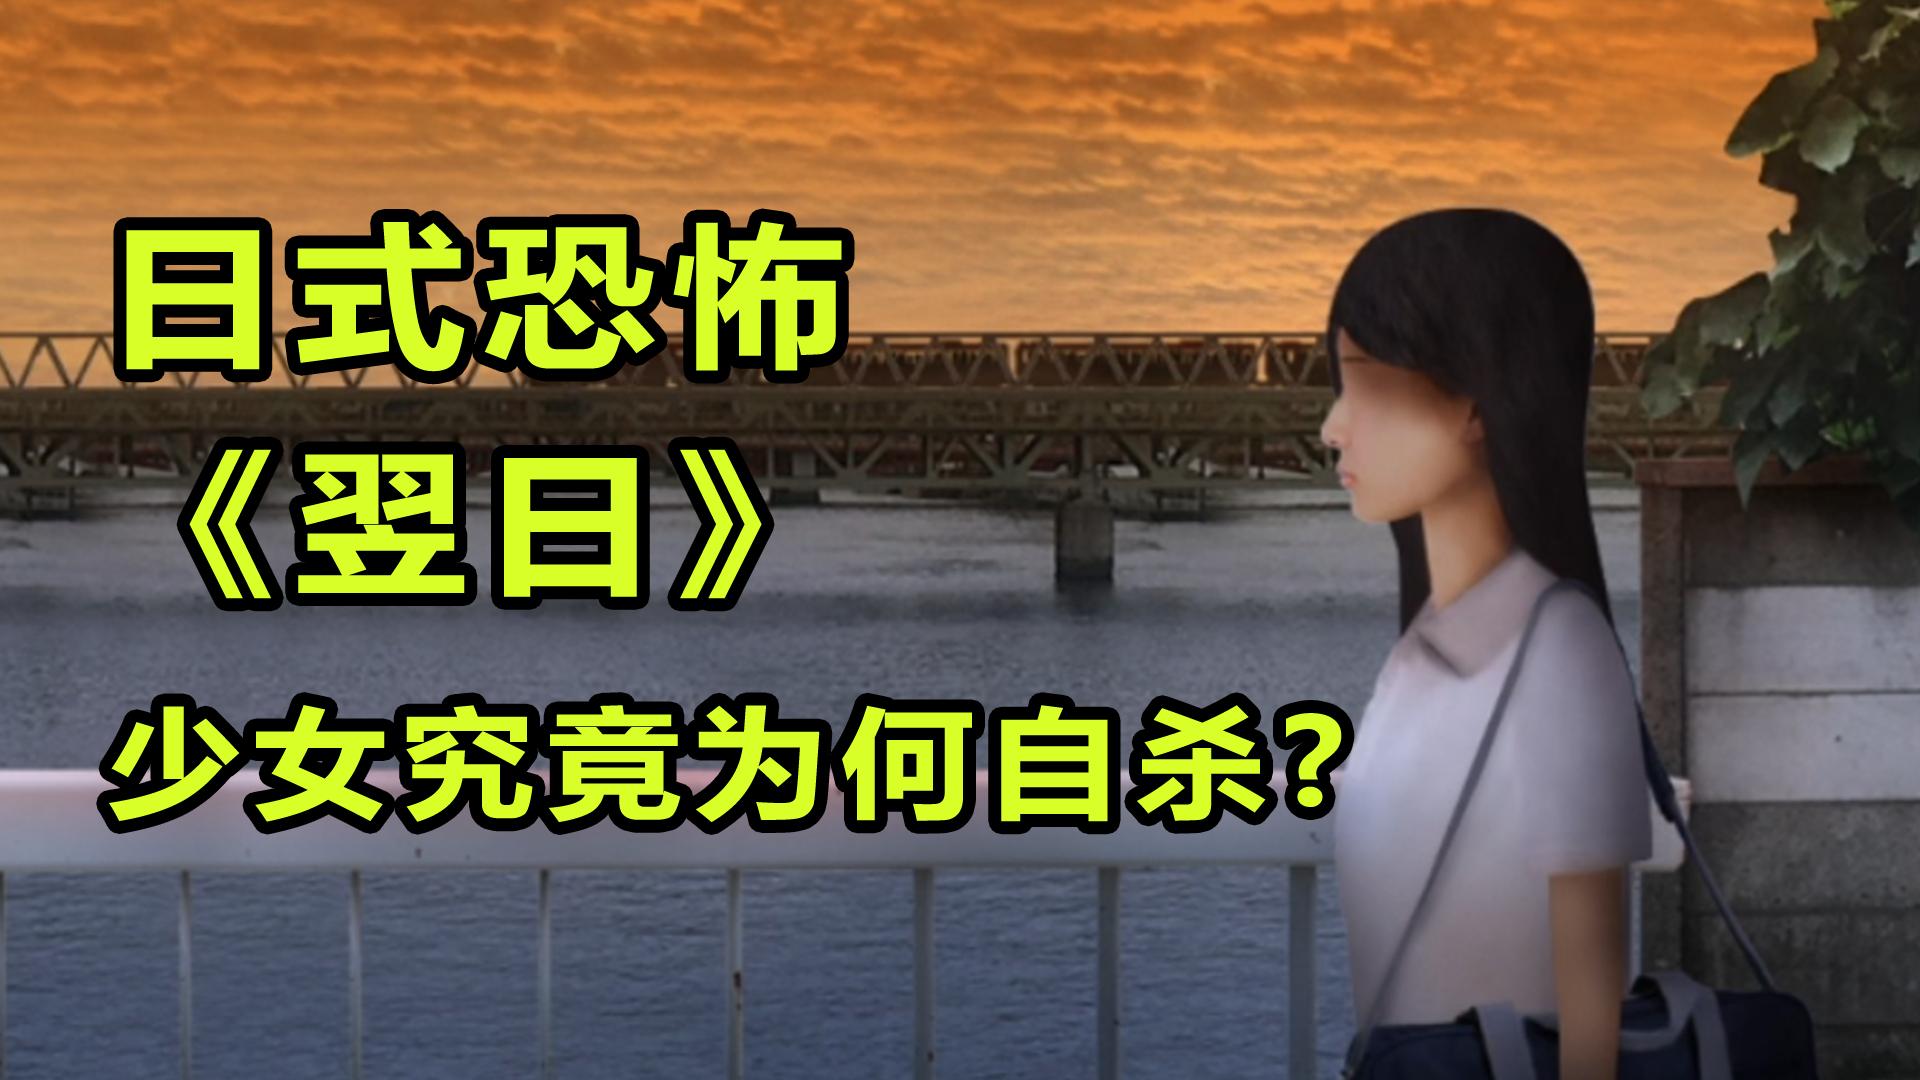 不断通过自杀来逃避生活的少女! 结局竟然是...|日式恐怖游戏《翌日》系列之《被封闭的未来》